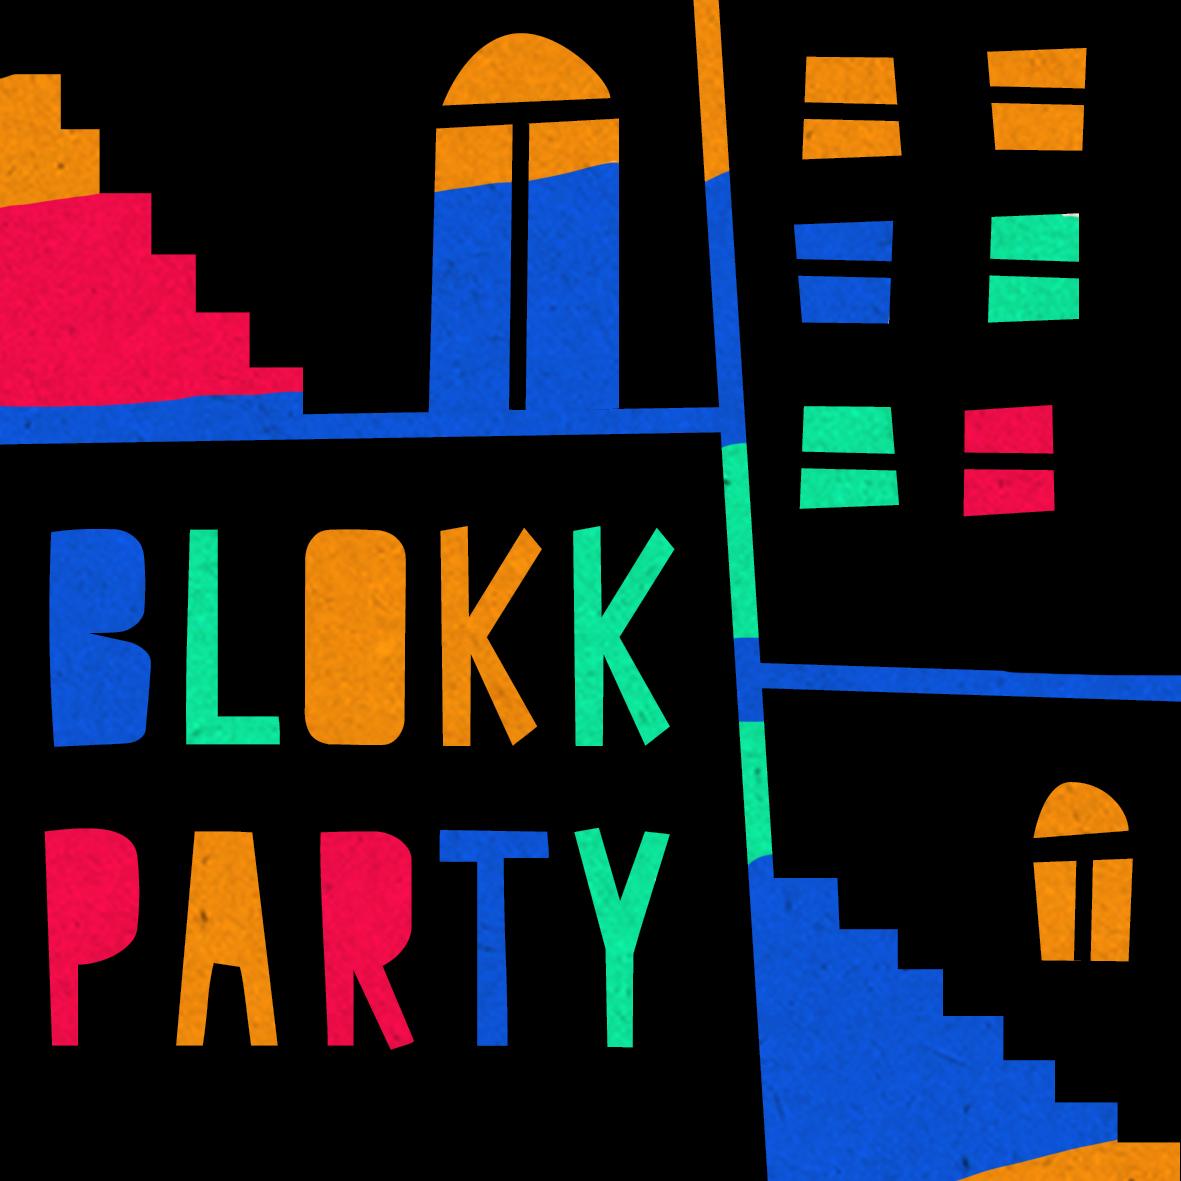 blokk-party1x1.jpg